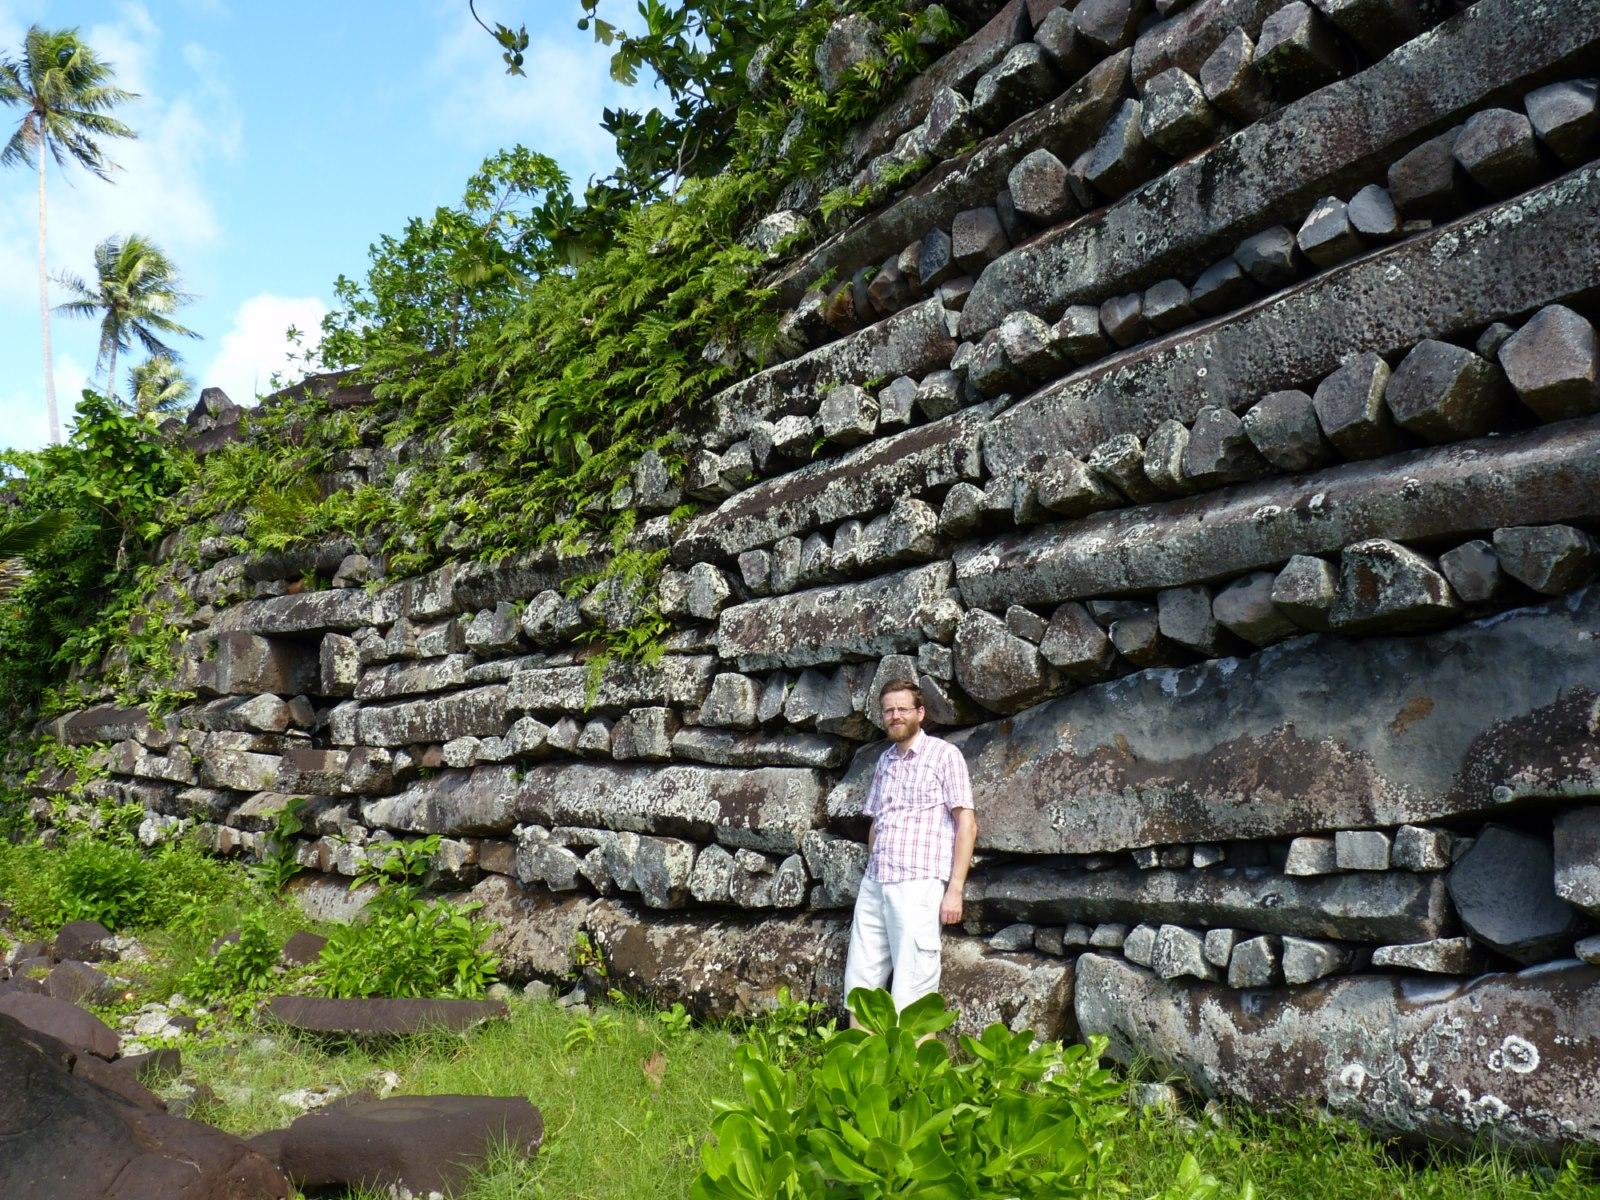 Nan Madol, een gigantisch archeologisch complex op Pohnpei. Net als bij de beelden op Paaseiland is de grote vraag: hoe hebben ze die enorme basaltblokken ooit kunnen verplaatsen?